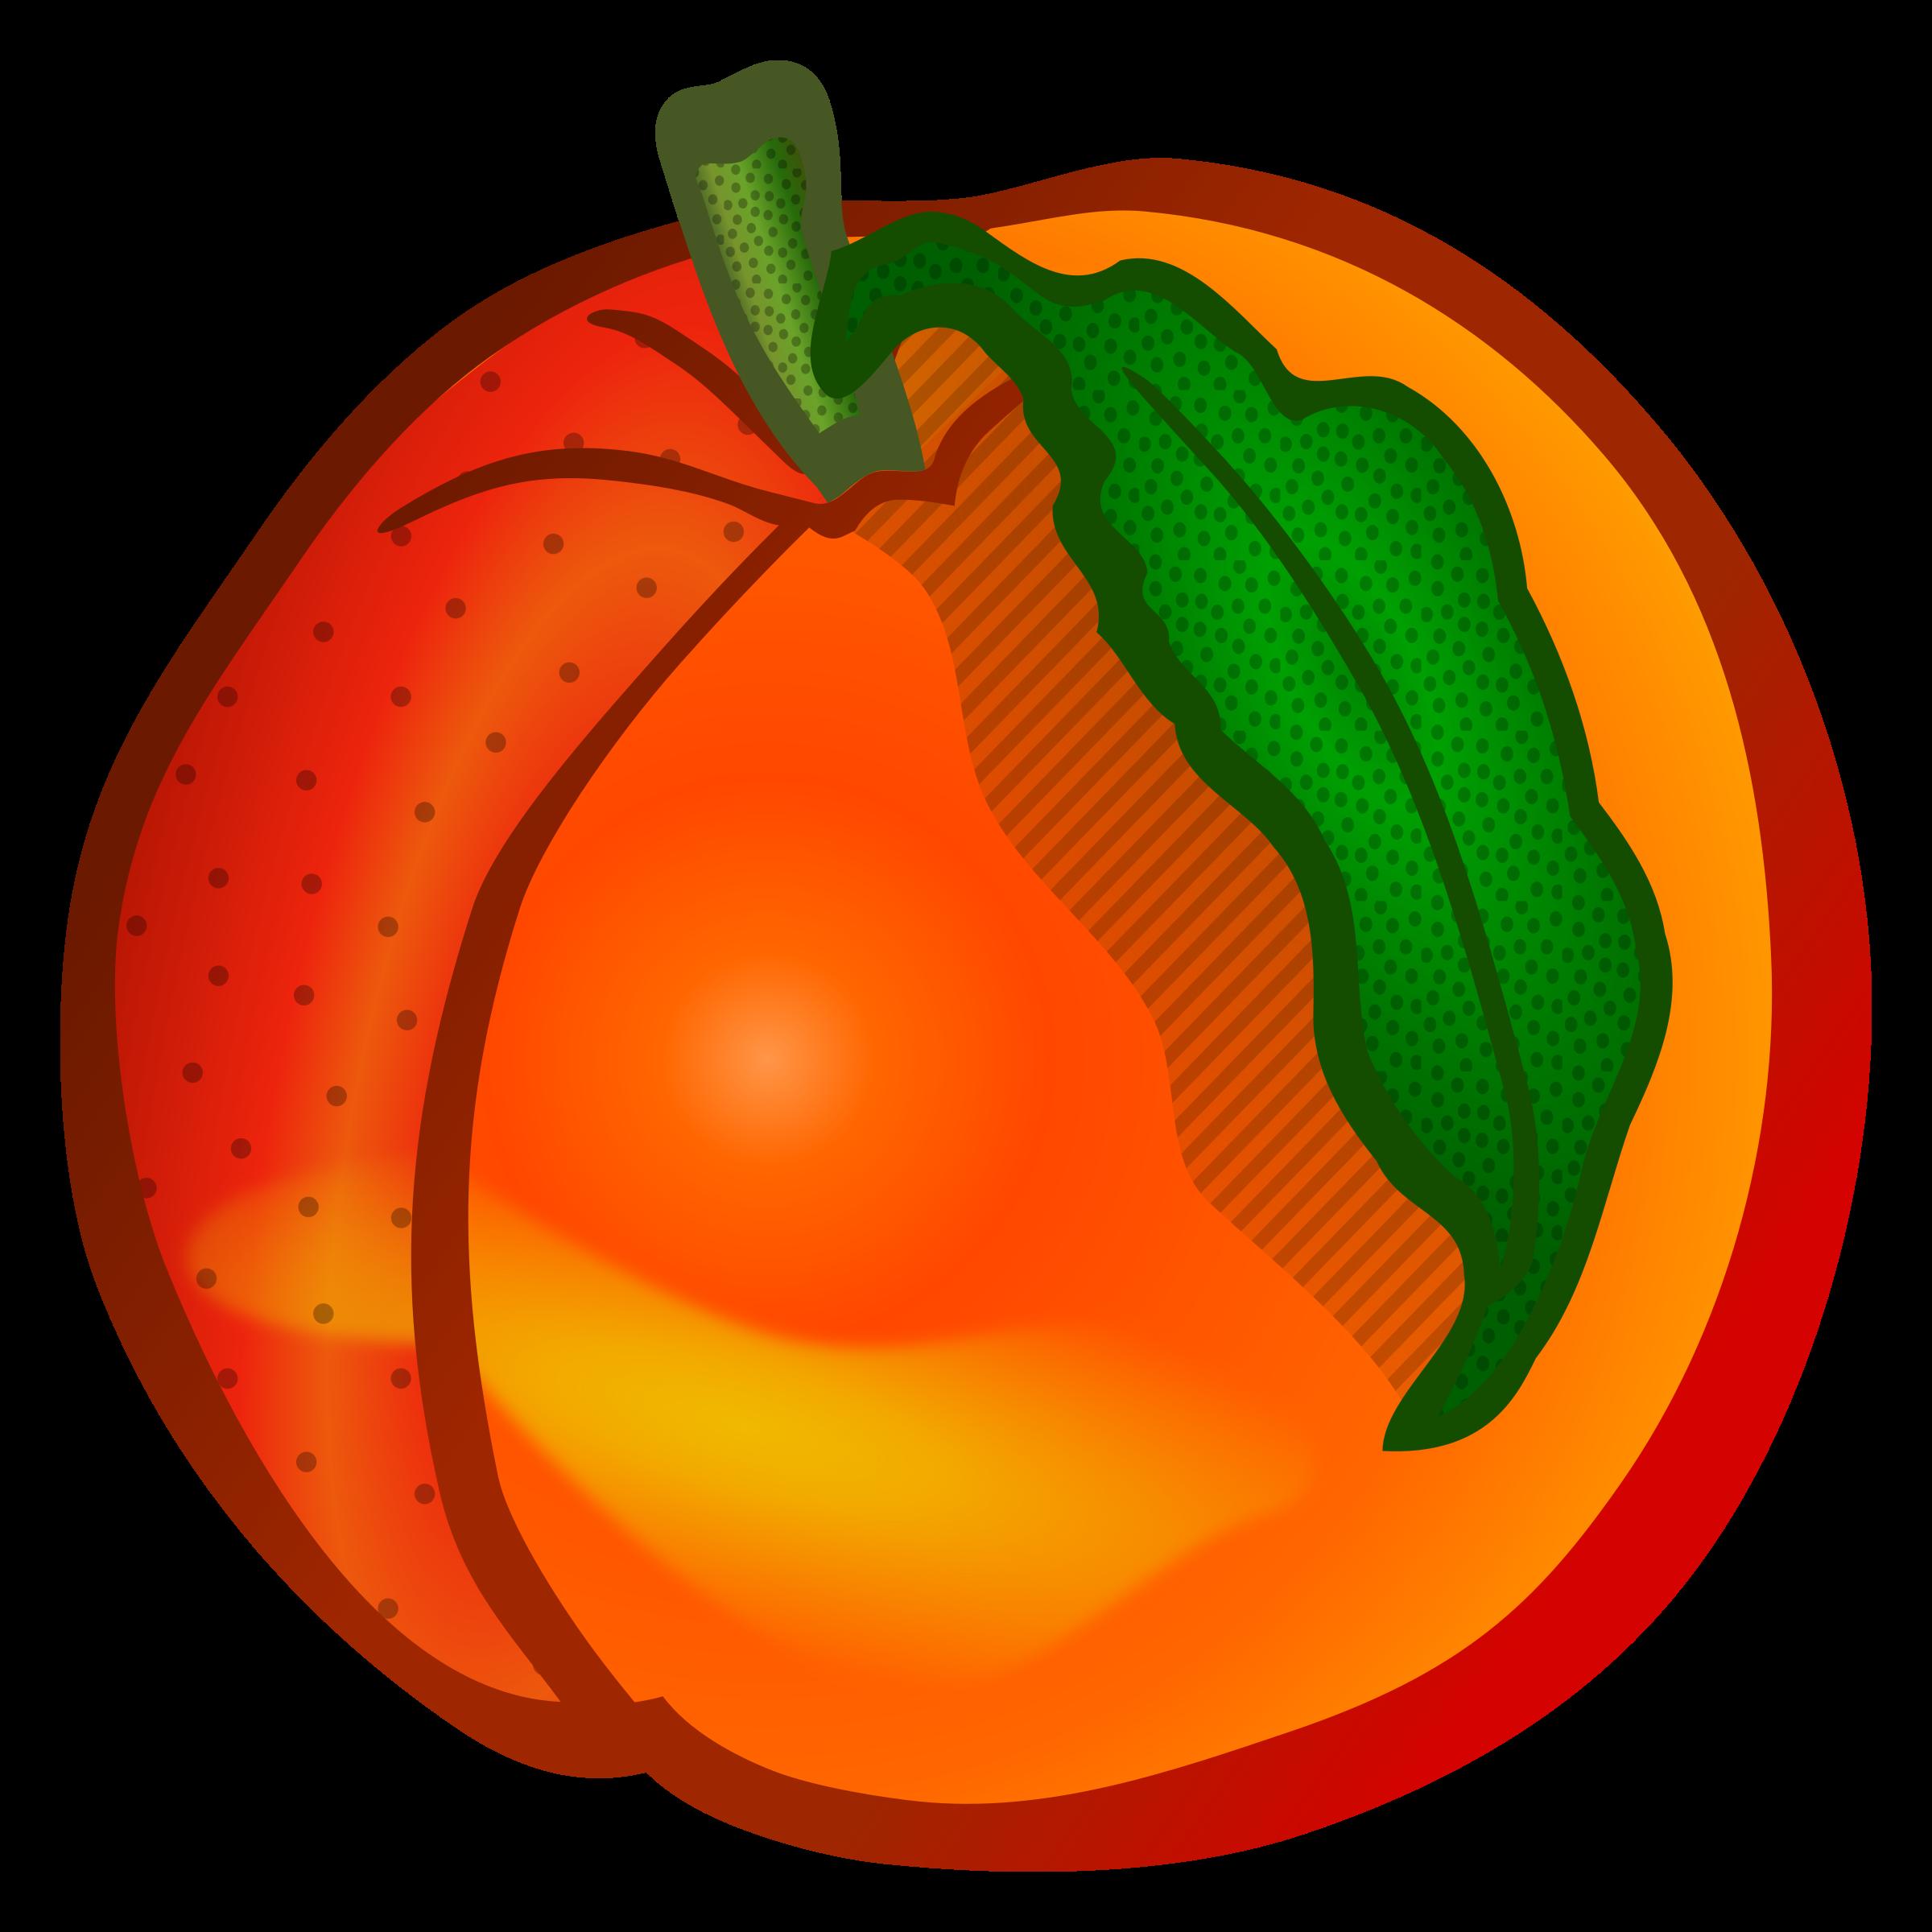 2400x2400 Peach Clipart Image